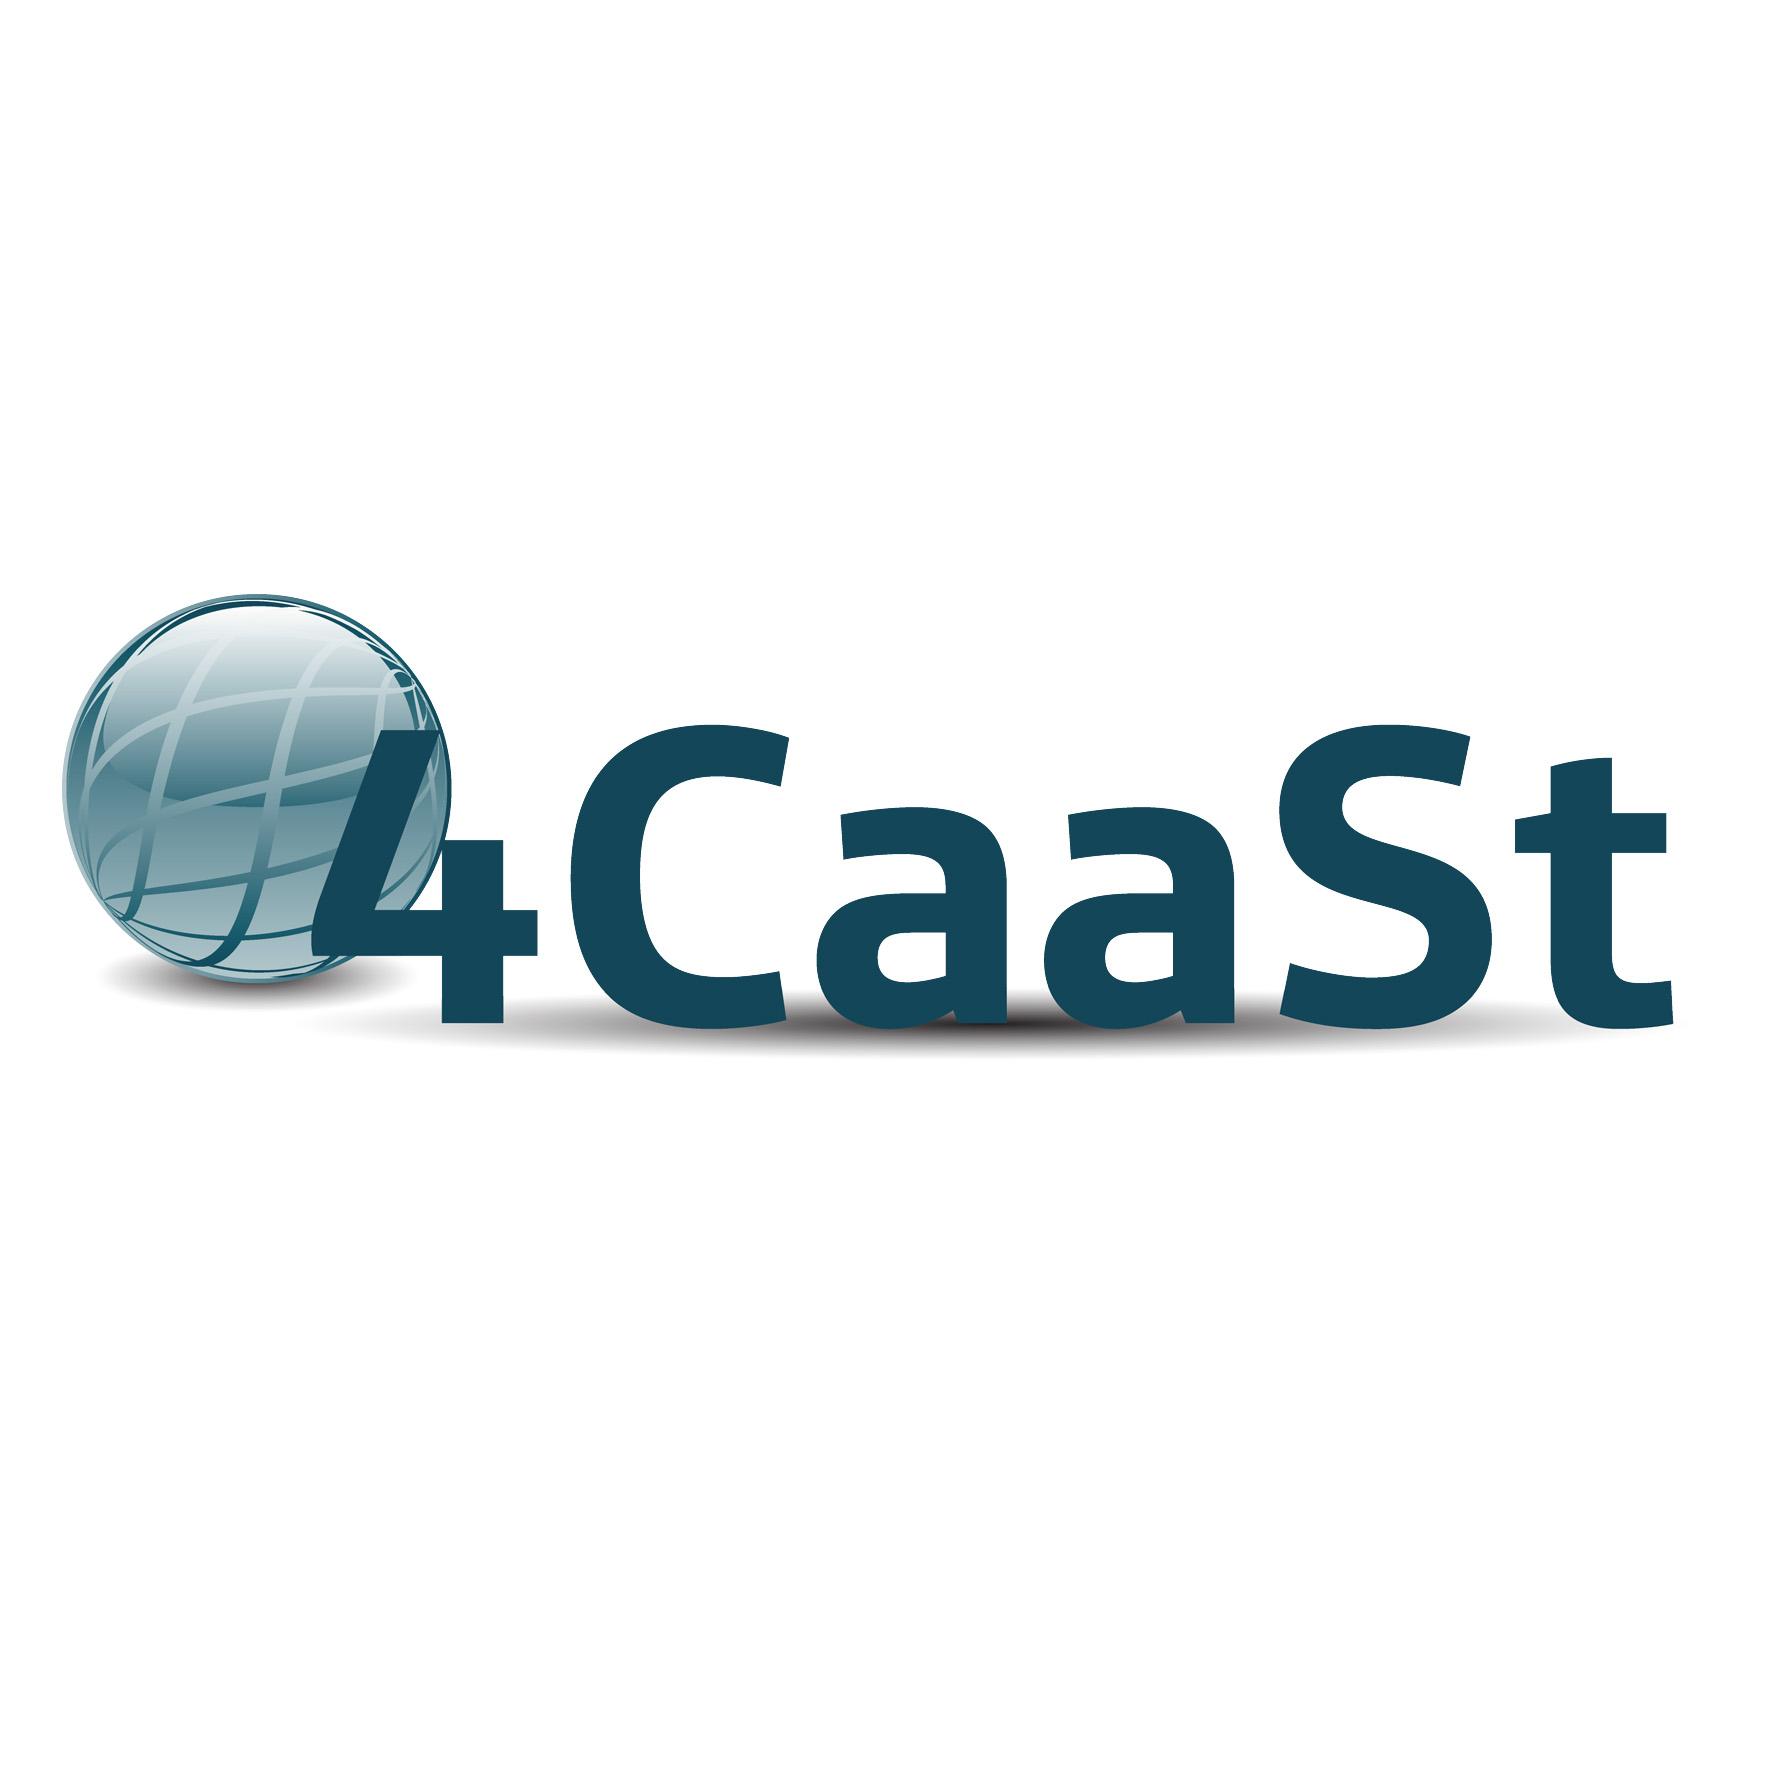 4caast-quadratisch